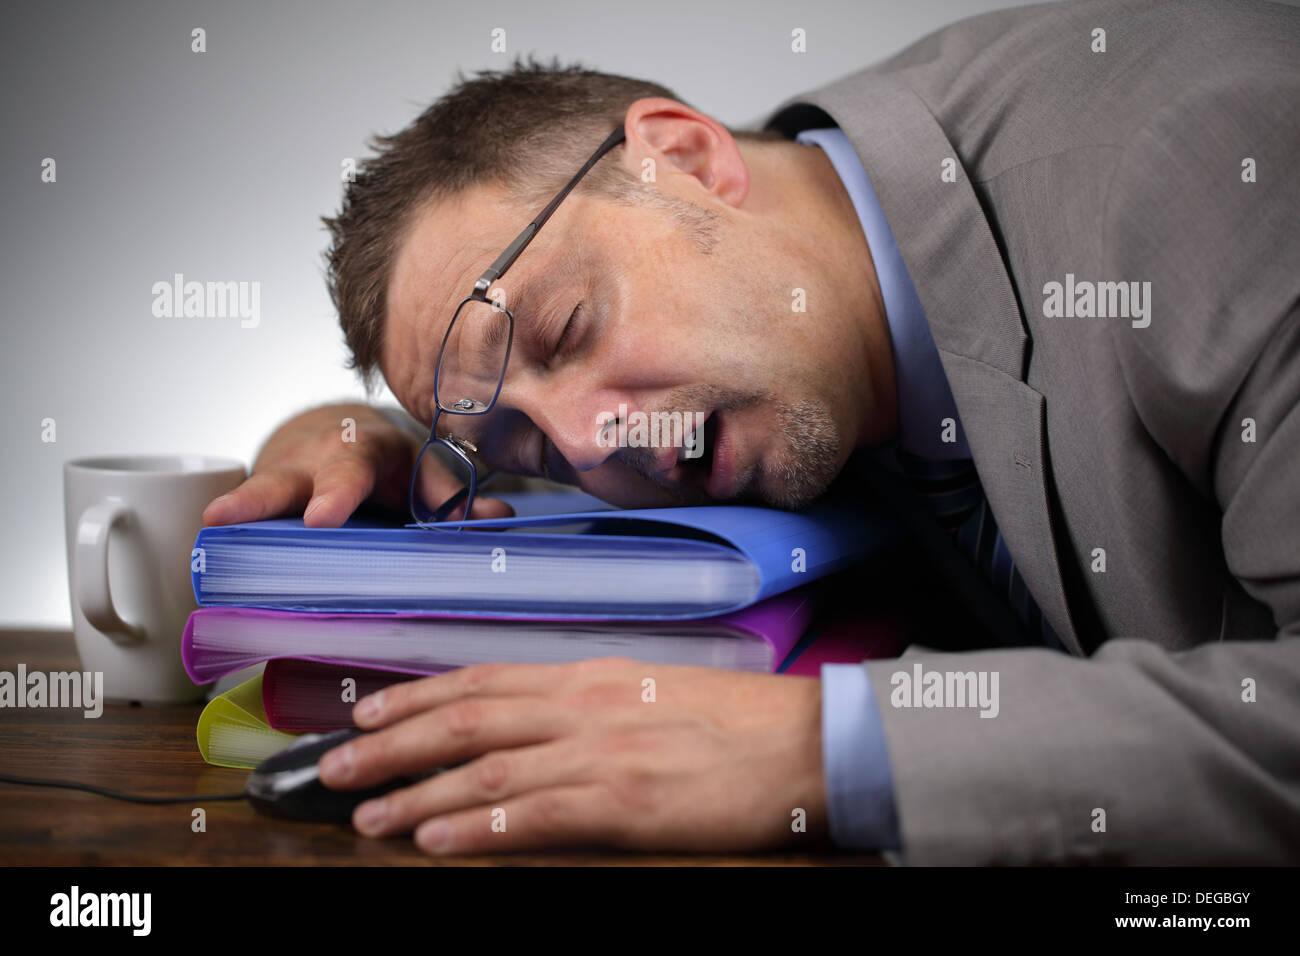 Dormir au travail Photo Stock